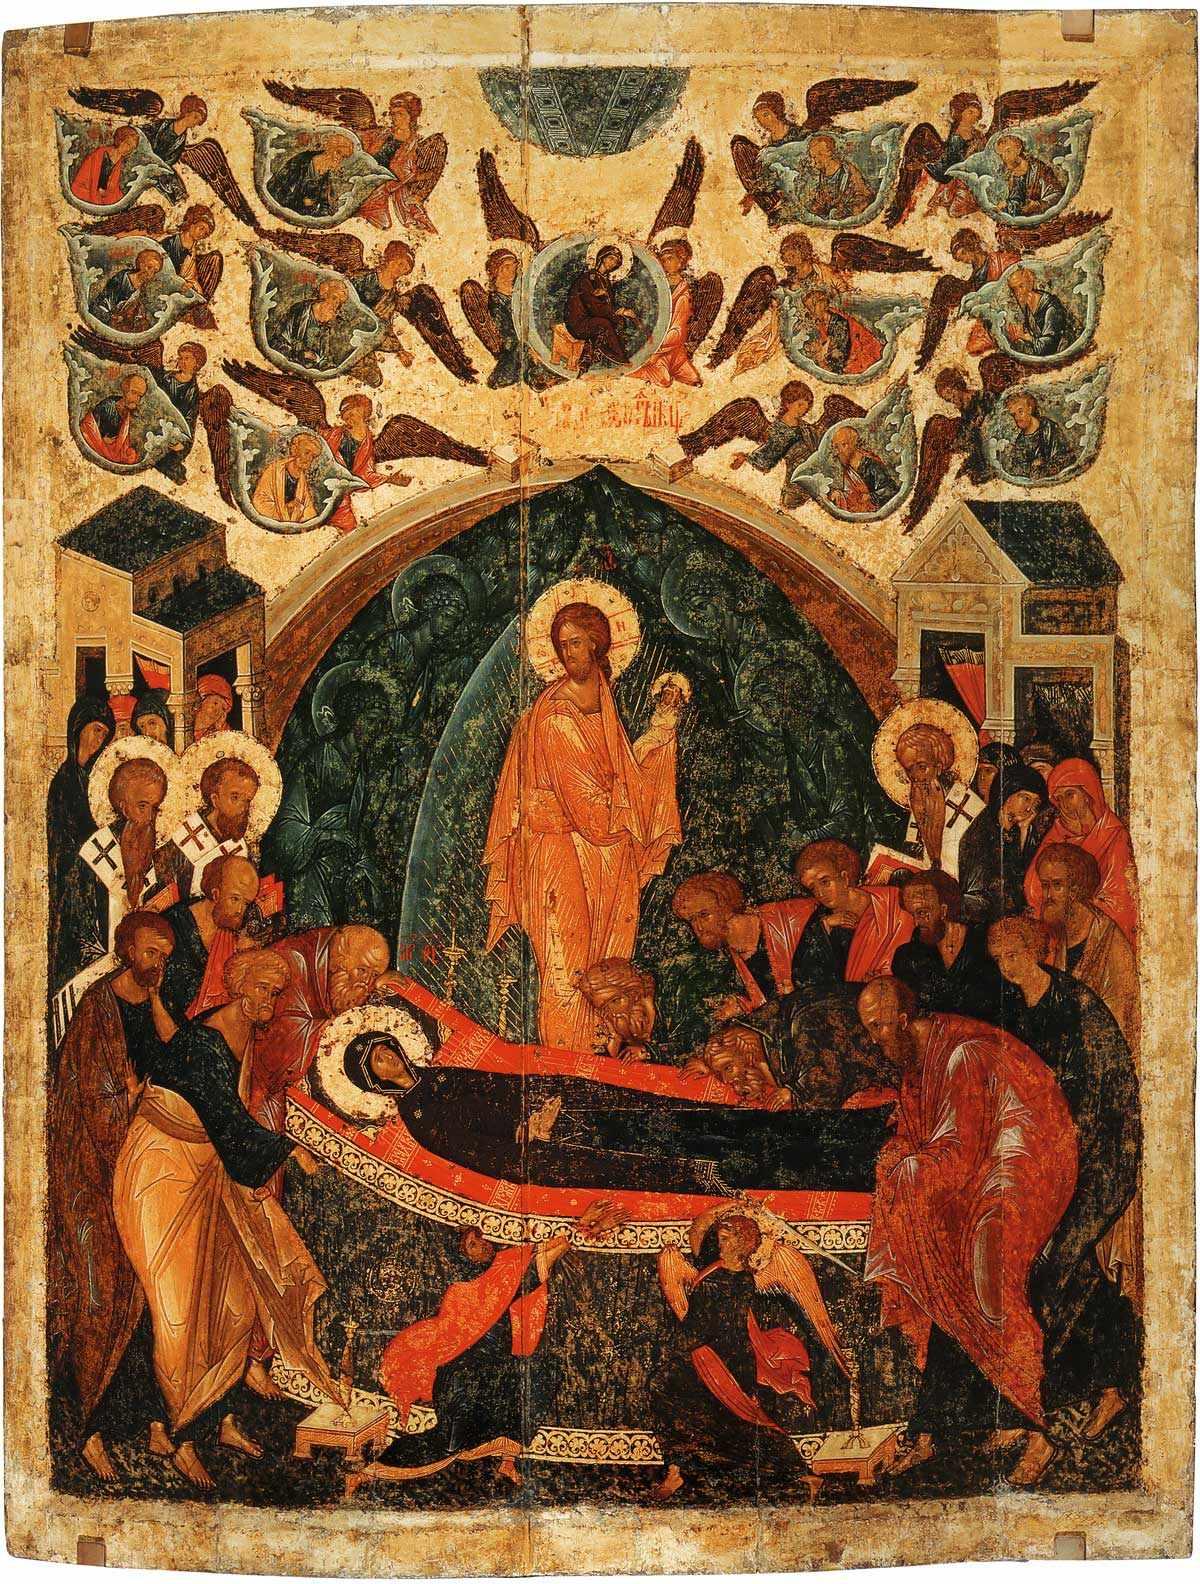 Adormirea Maicii Domnului, prăznuită la 15 august c.b. Vezi în josul icoanei pe evreul ce a vrut să întineze mormîntul Maicii Domnului, dar a fost pedepsit de Sf. Arh. Mihail. Vezi linkul evenimentului